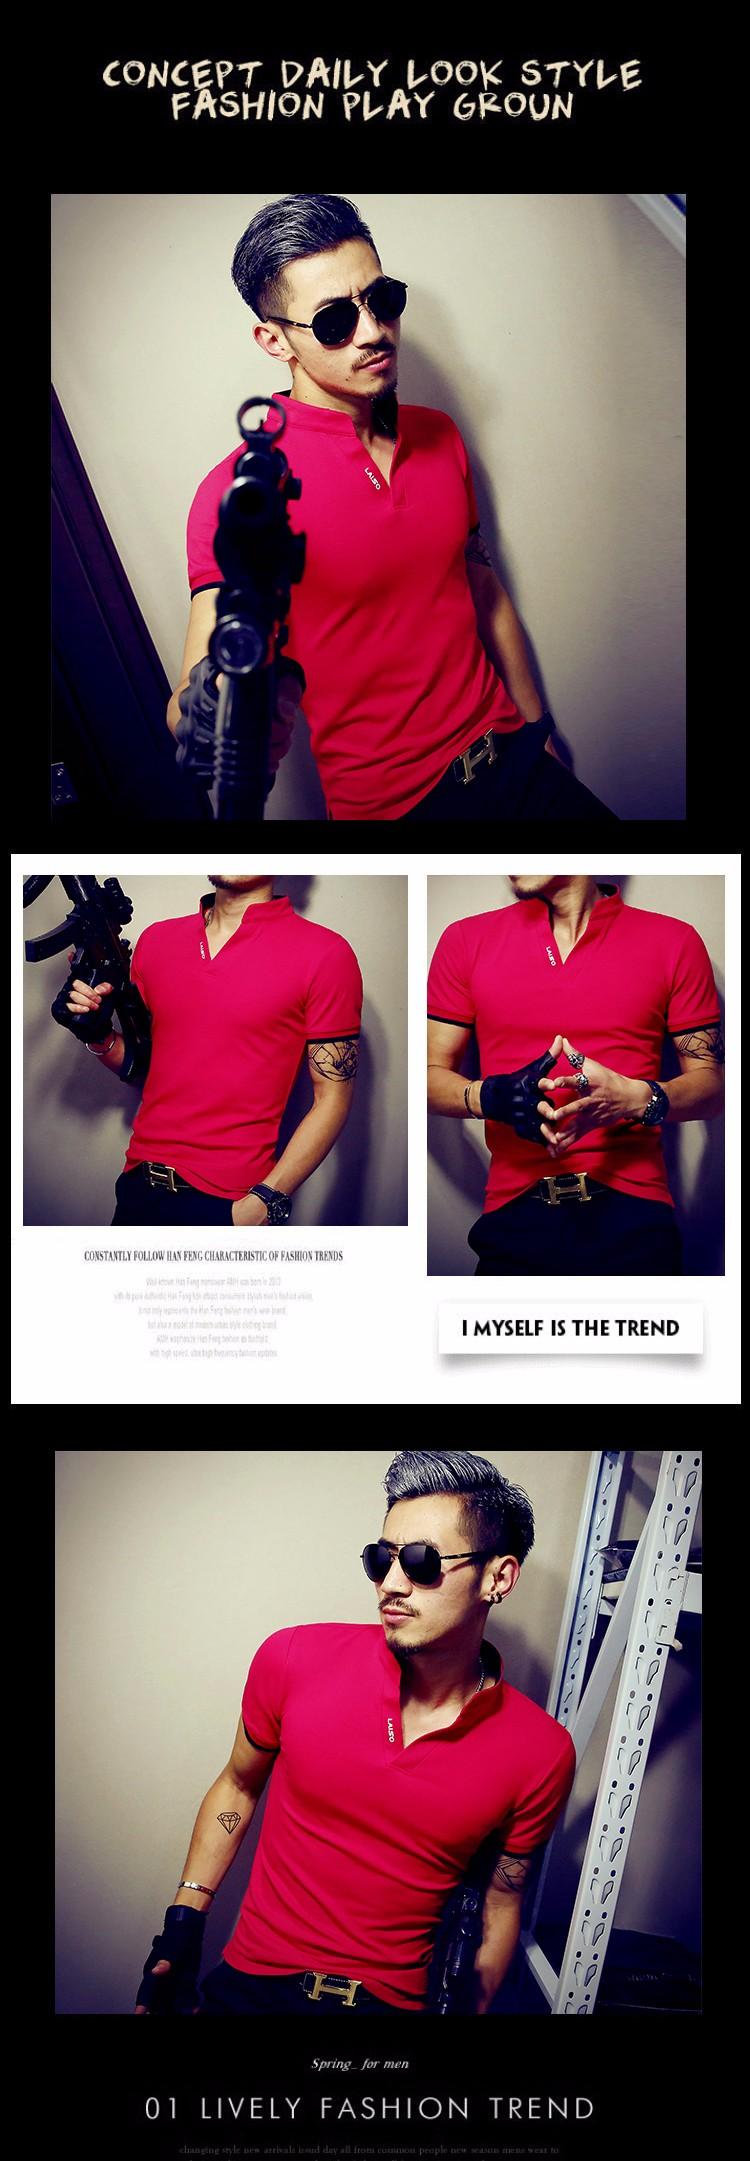 лидер продаж мода Verde в-bras изделия для мужчин футболка лето 2017 г. прошел короткий рукав футболка для мужчин хлопок тонкий подходят для мужчин с топ топы, футболки блузы 5xl